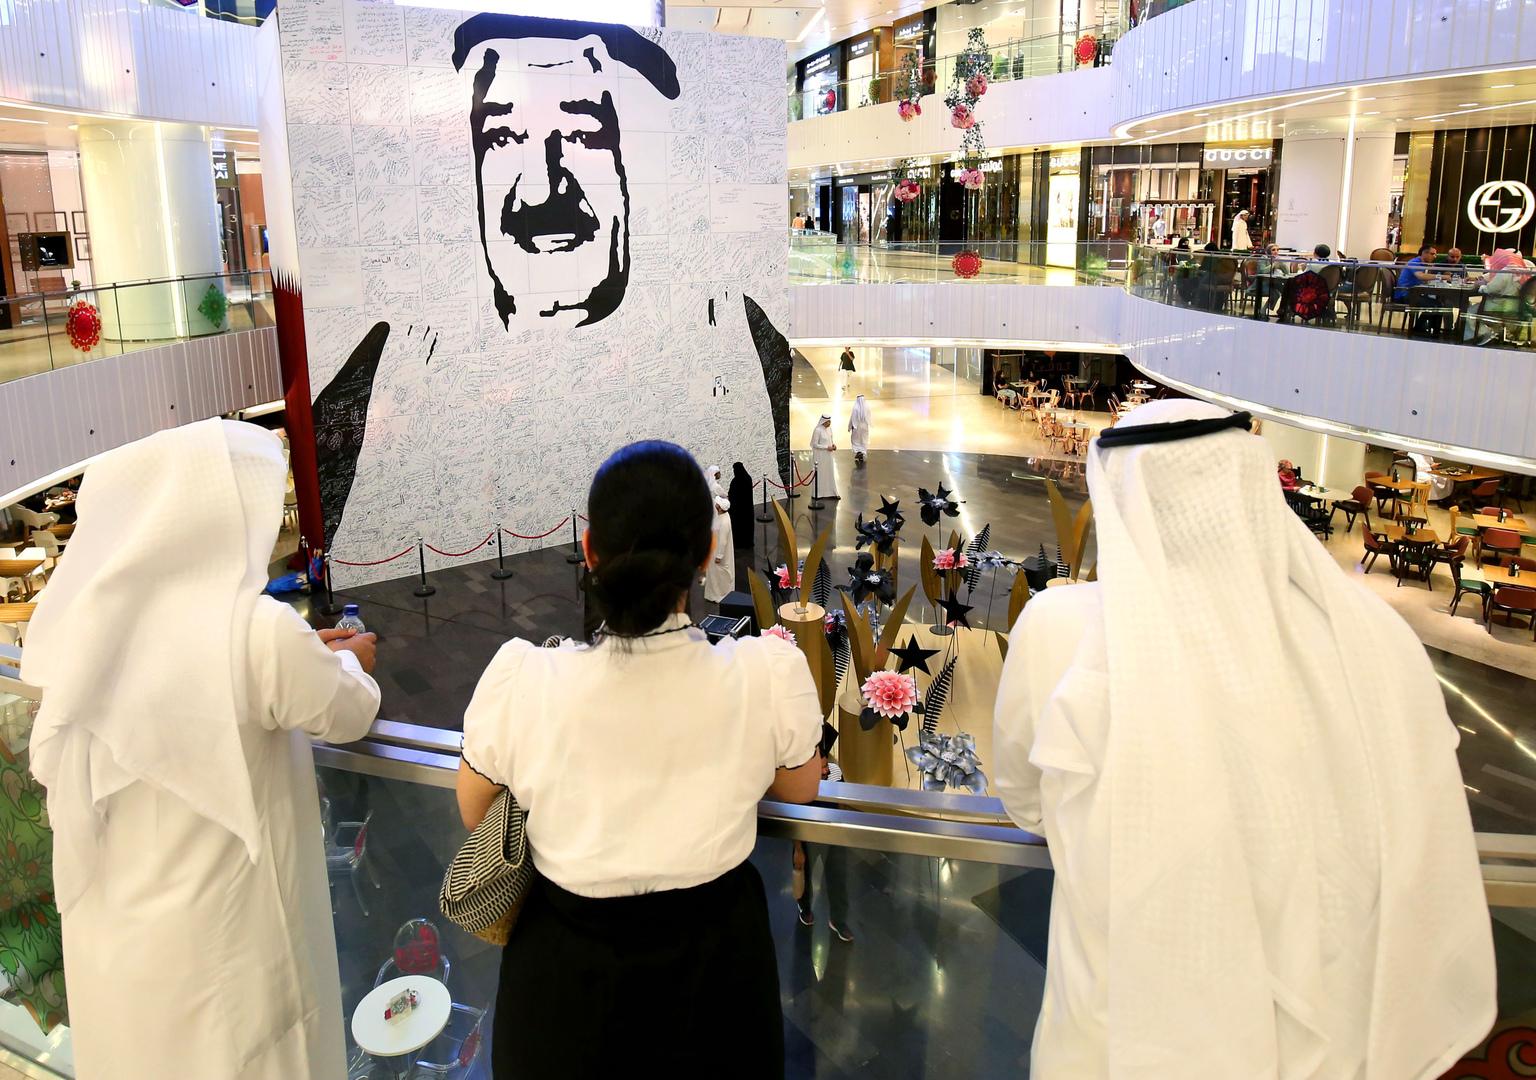 فجر السعيد تتساءل: أين صورة الأمير الحالي الشيخ صباح الأحمد؟